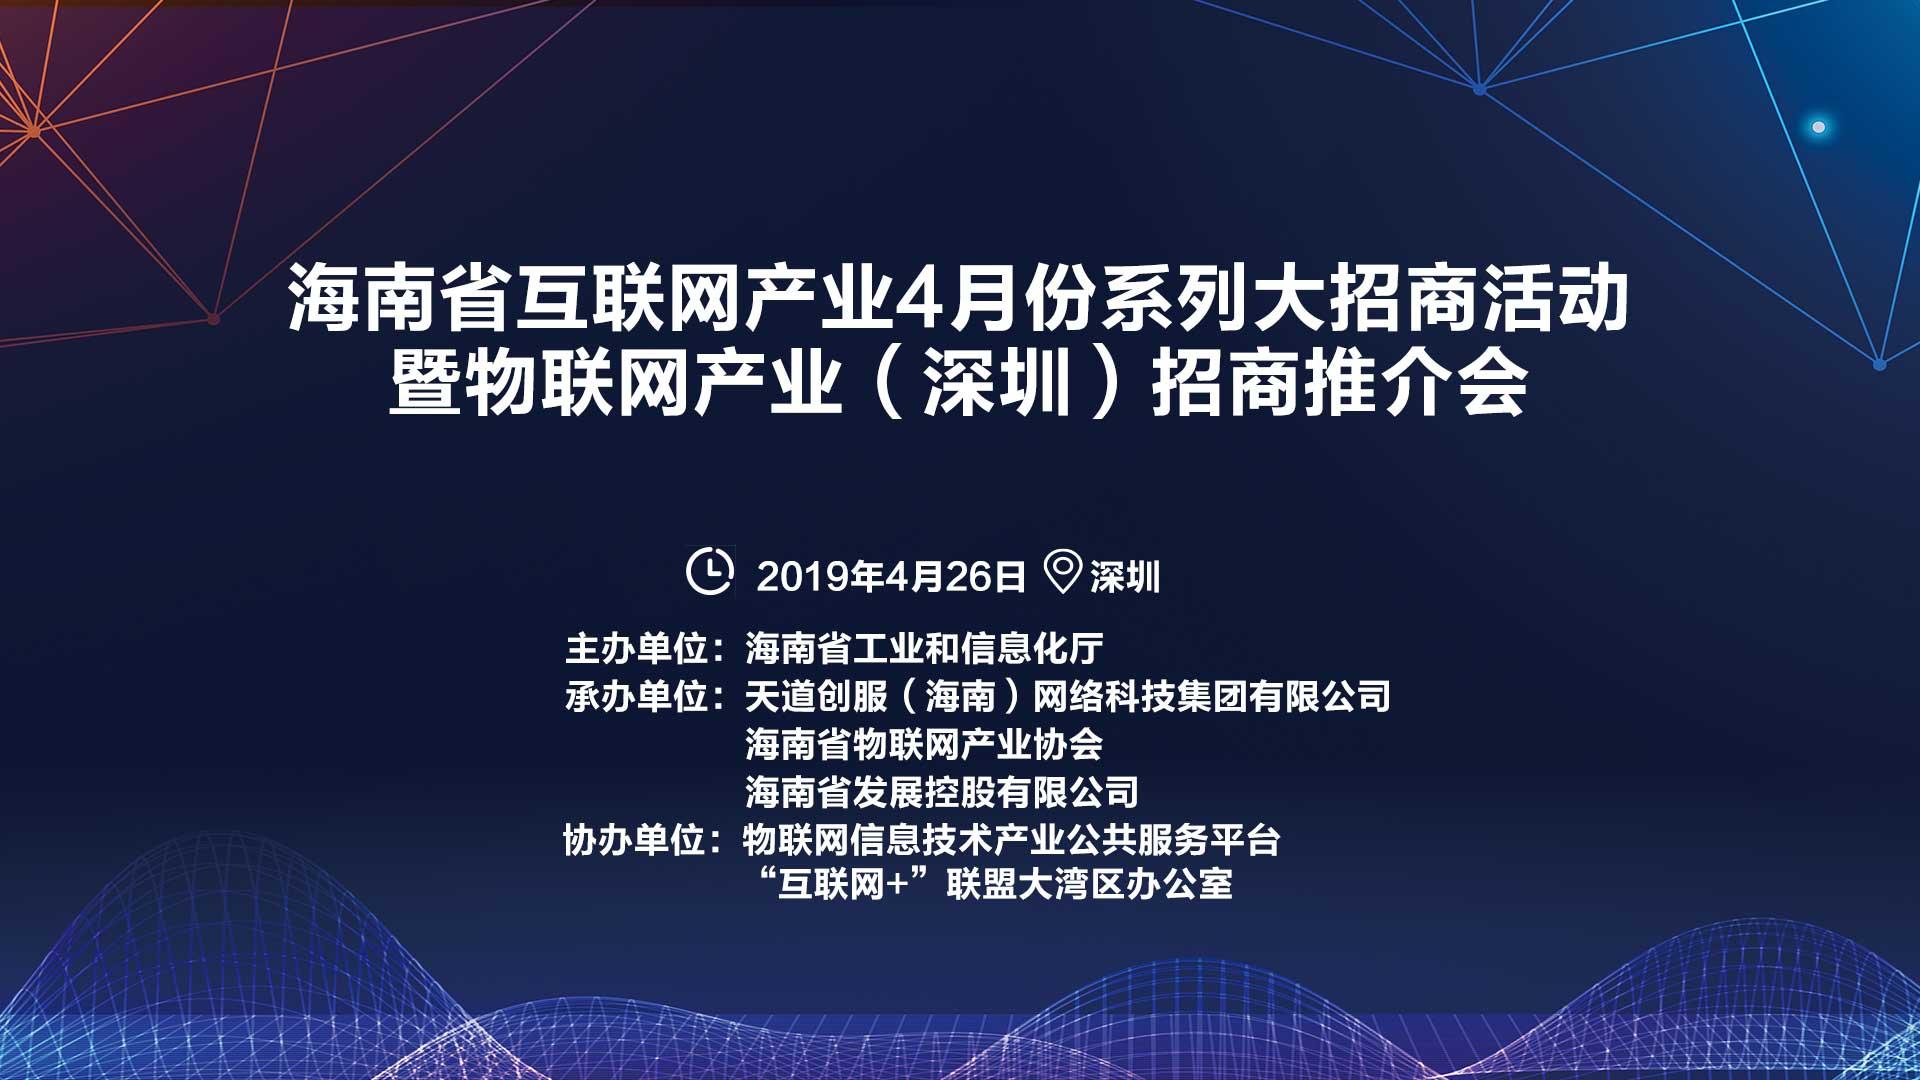 4月26日物联网产业(深圳)招商推介会